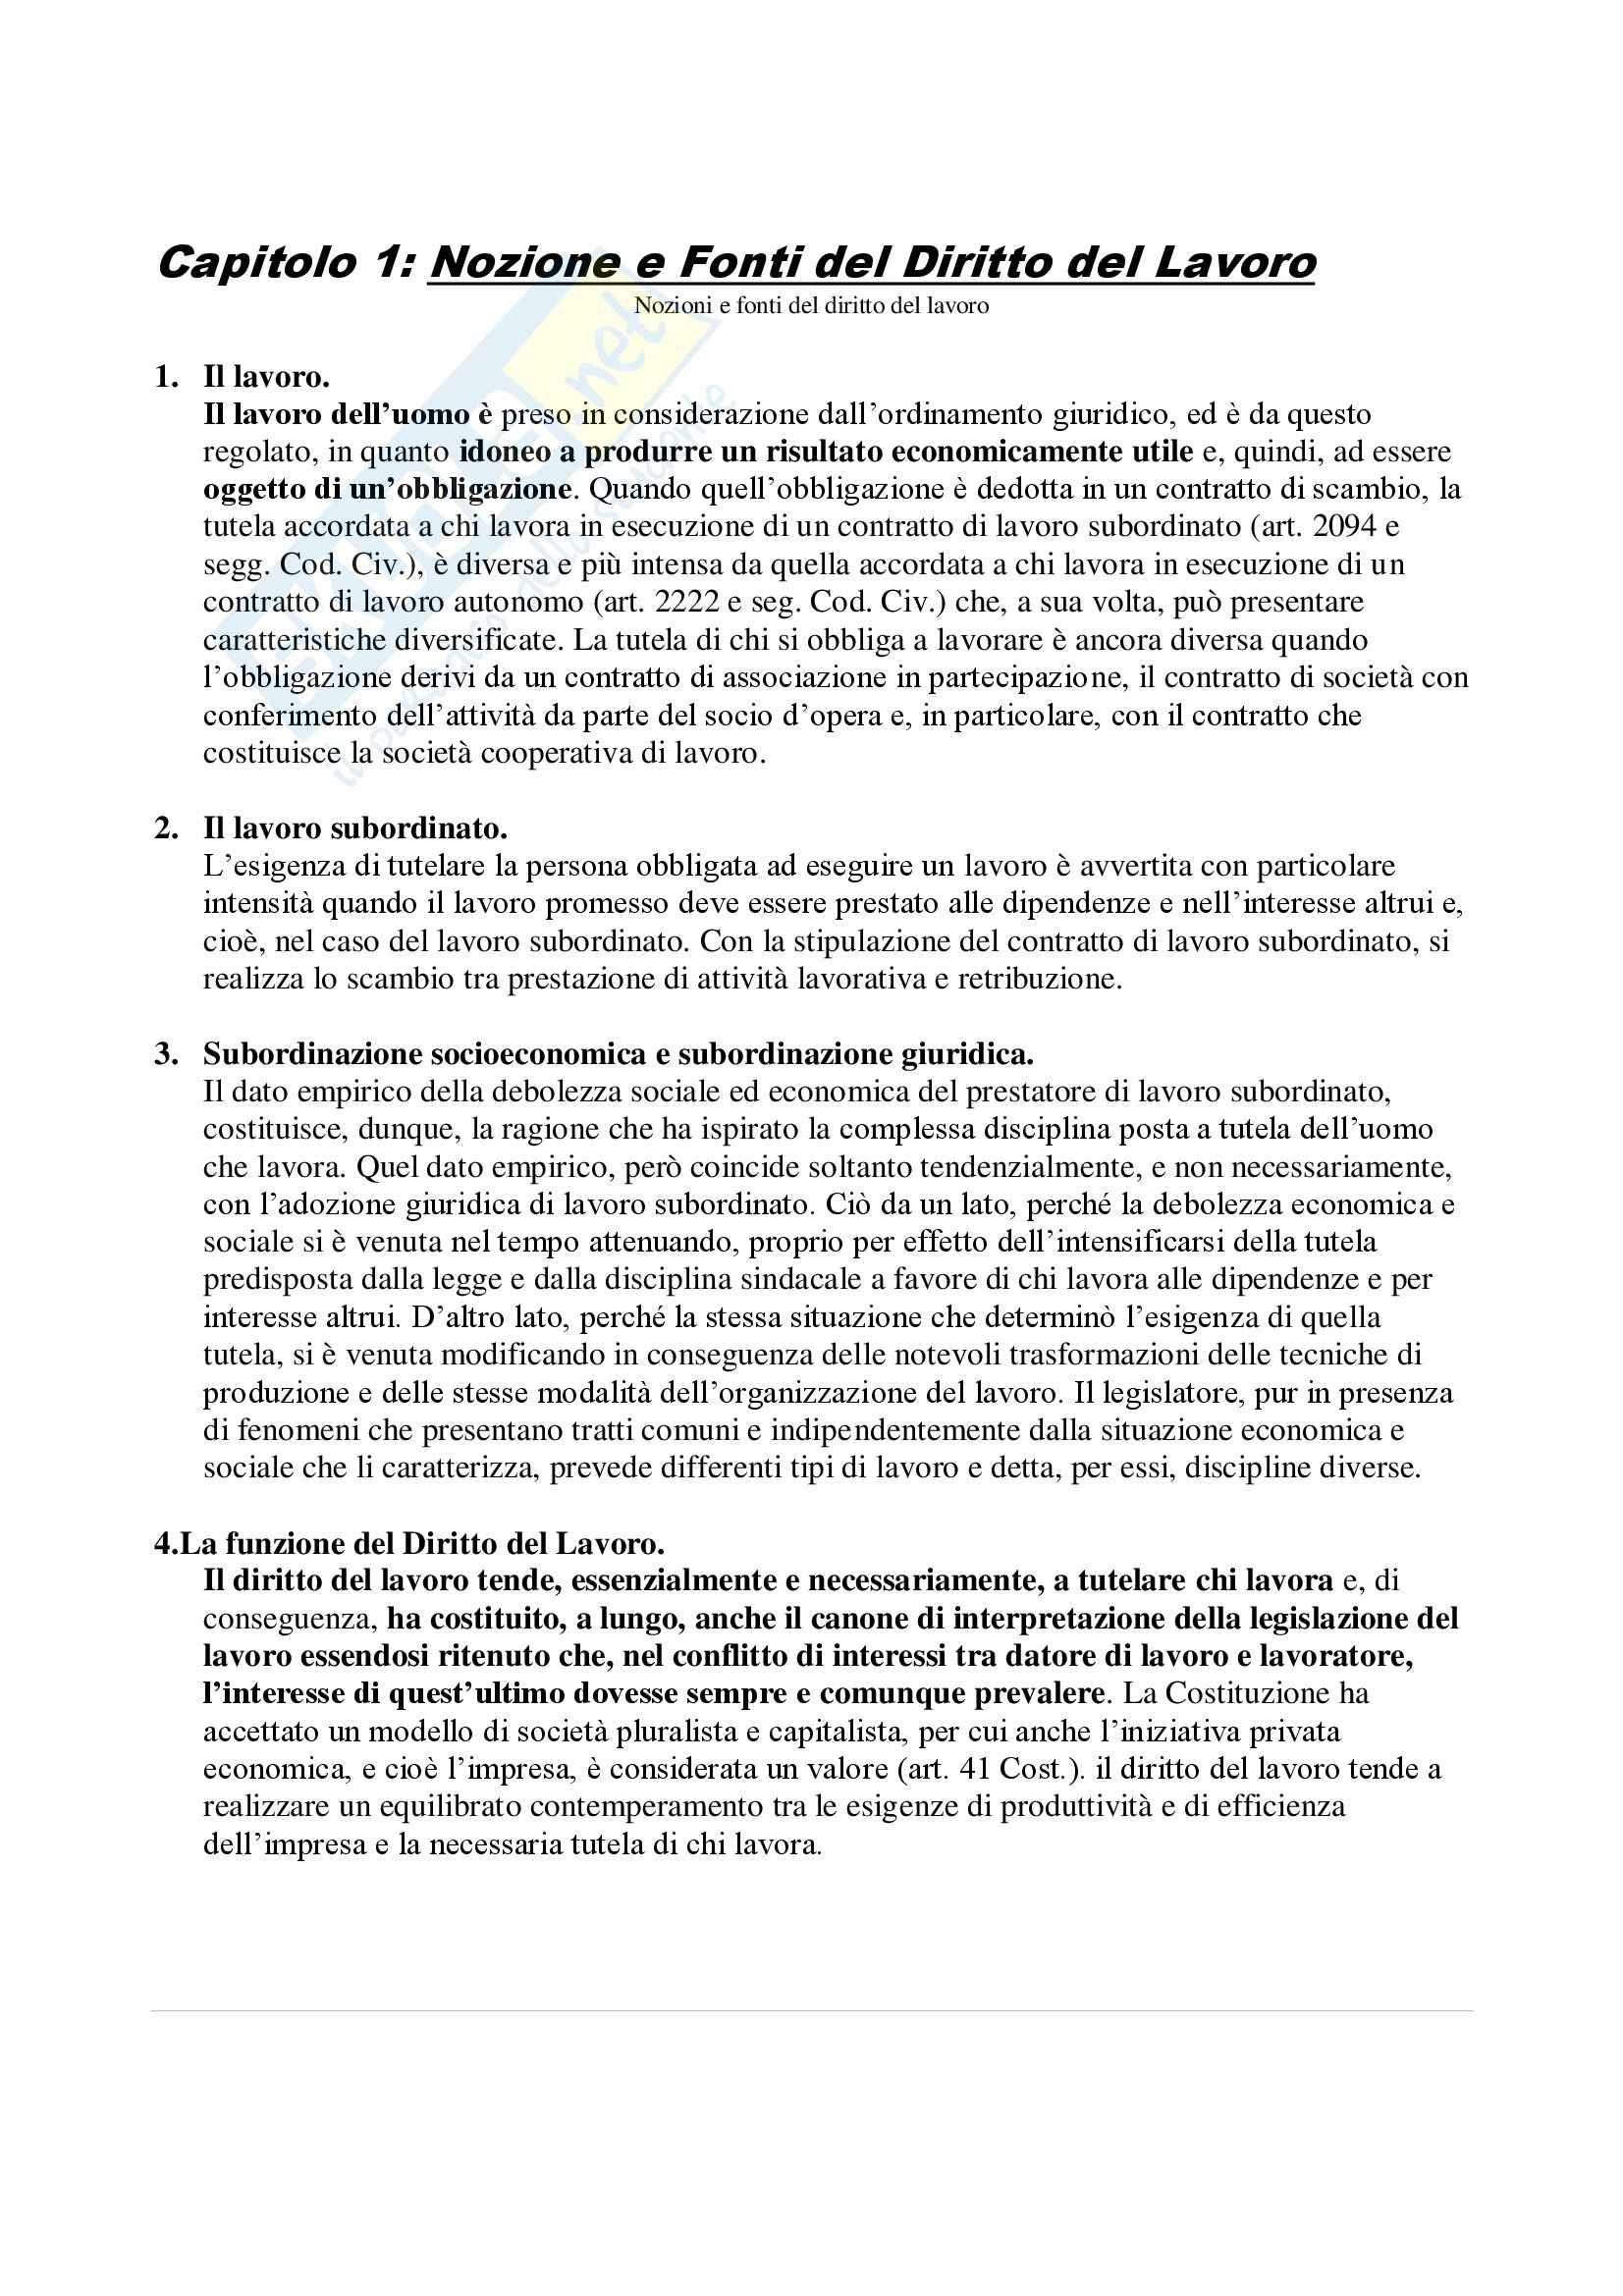 Riassunto esame Diritto del Lavoro, prof. Persiani Pag. 2